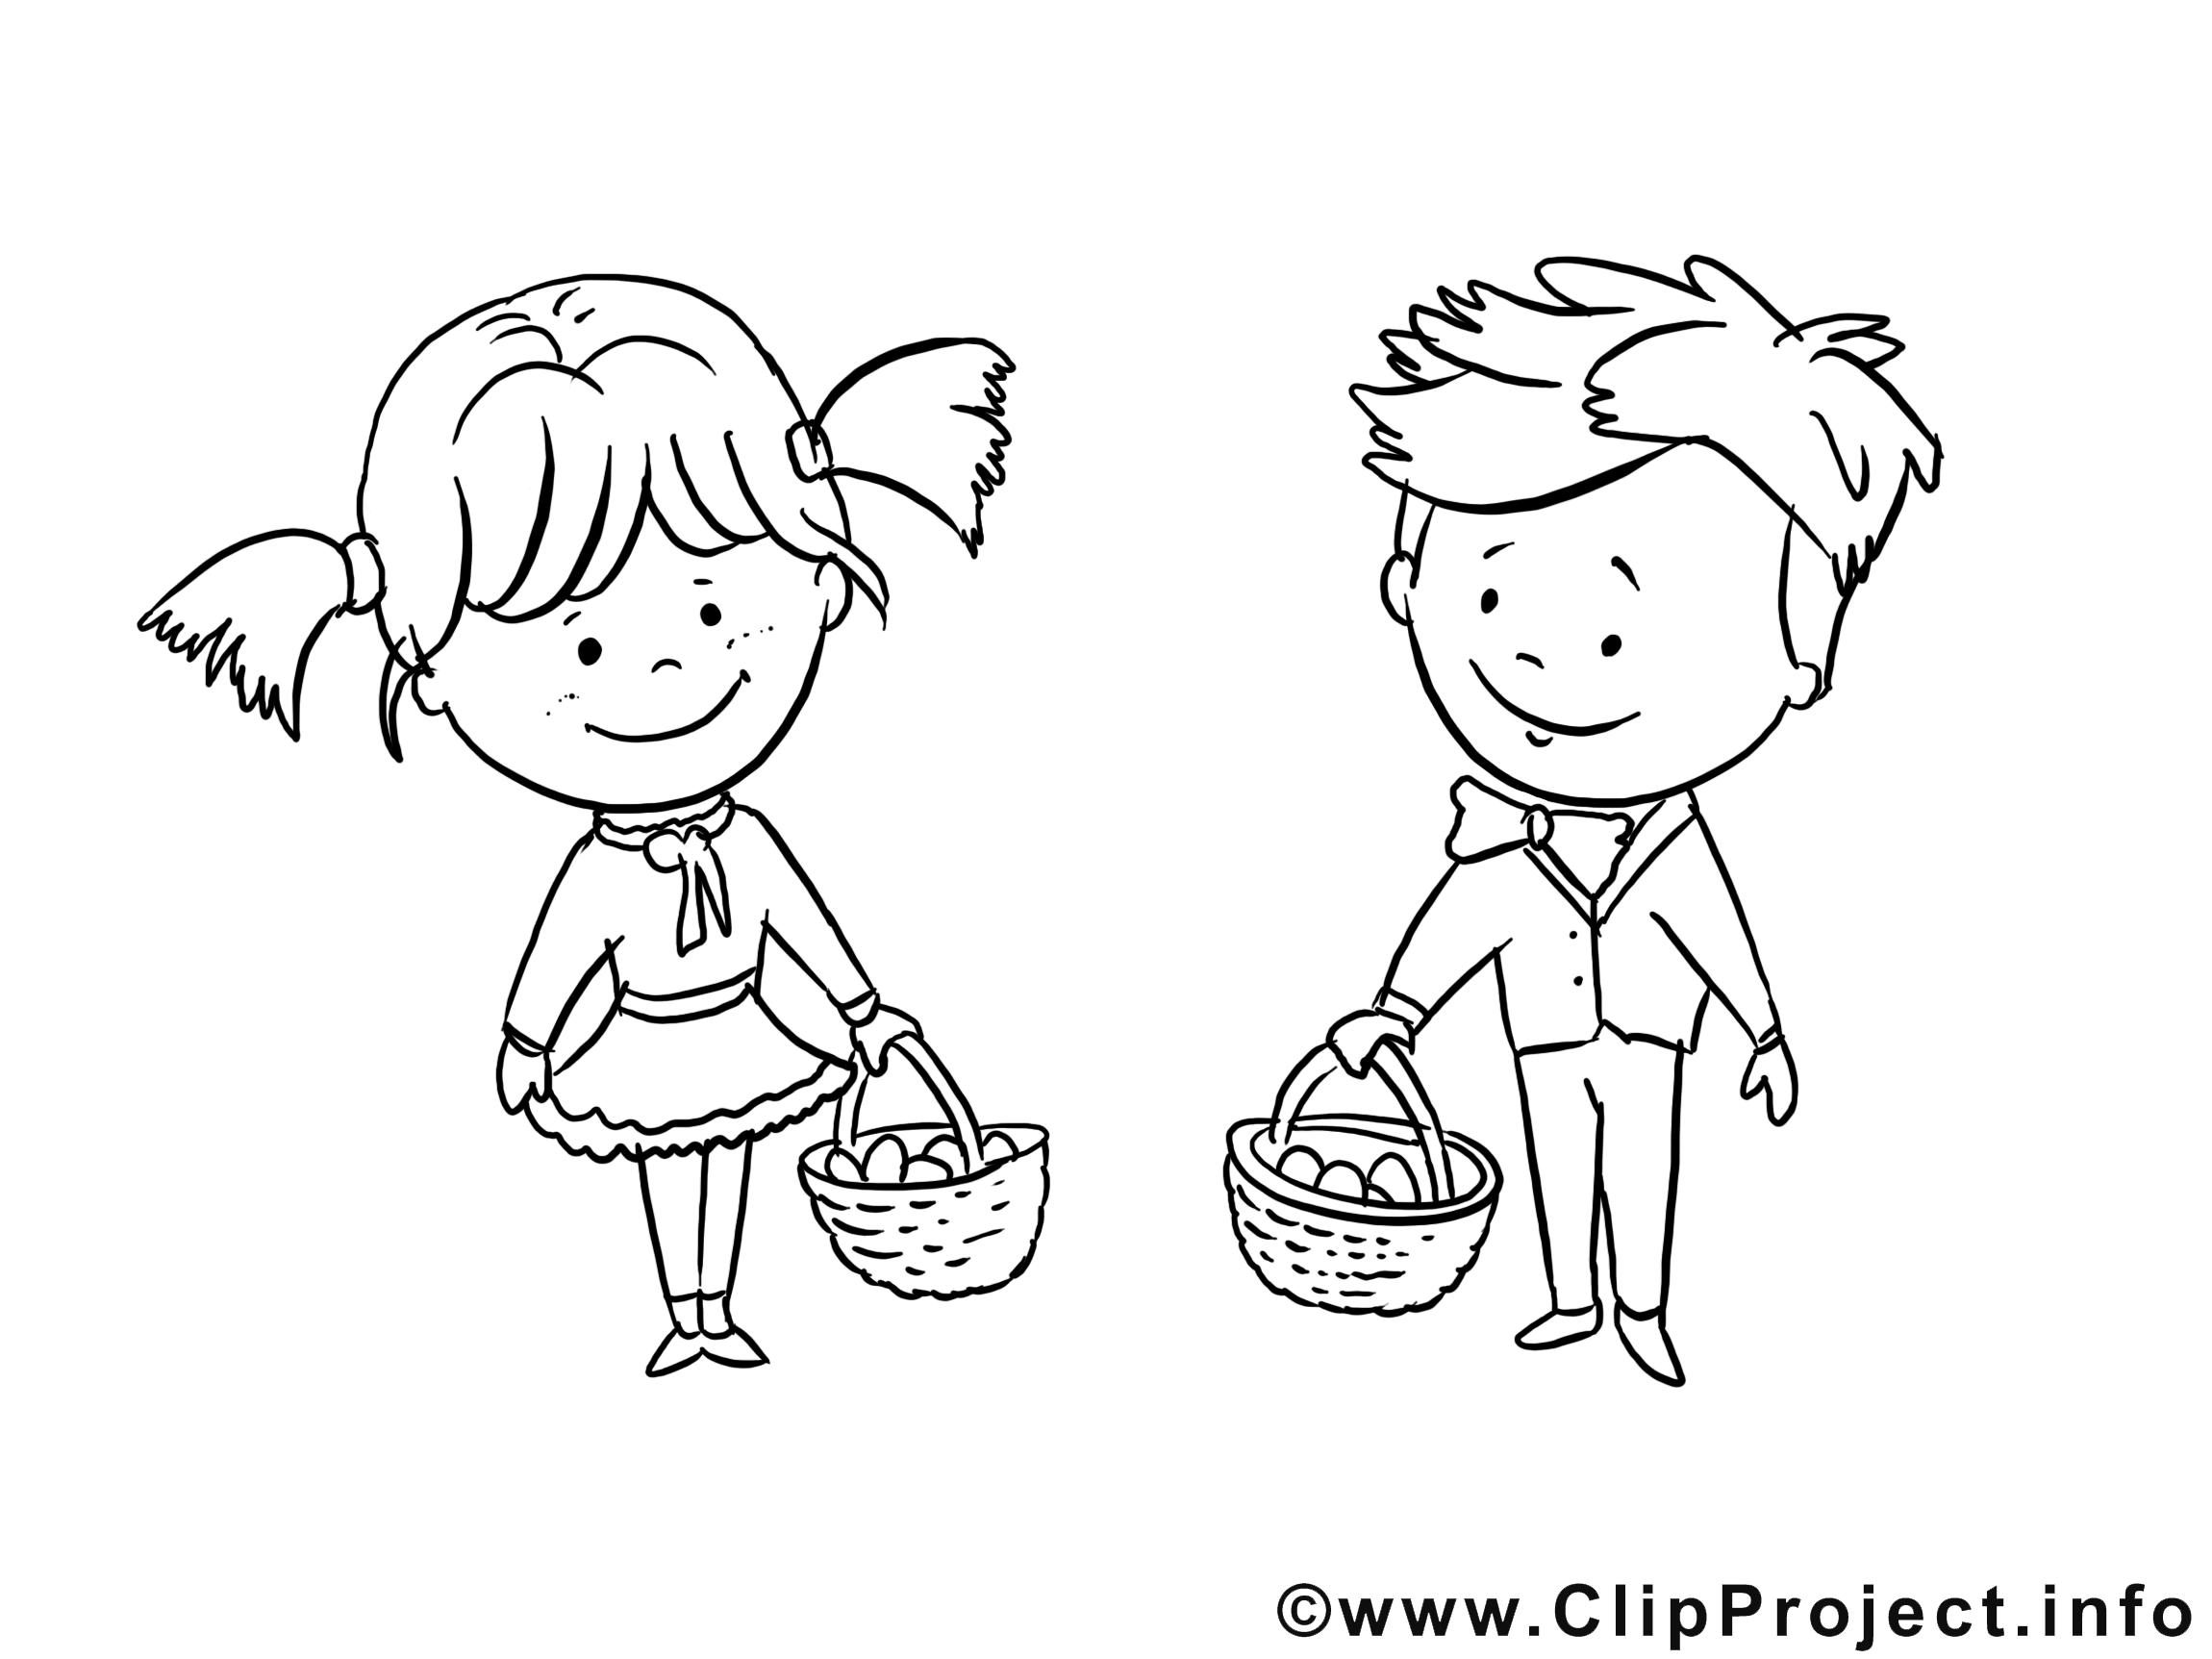 cueilleur image - coloriage maternelle illustration